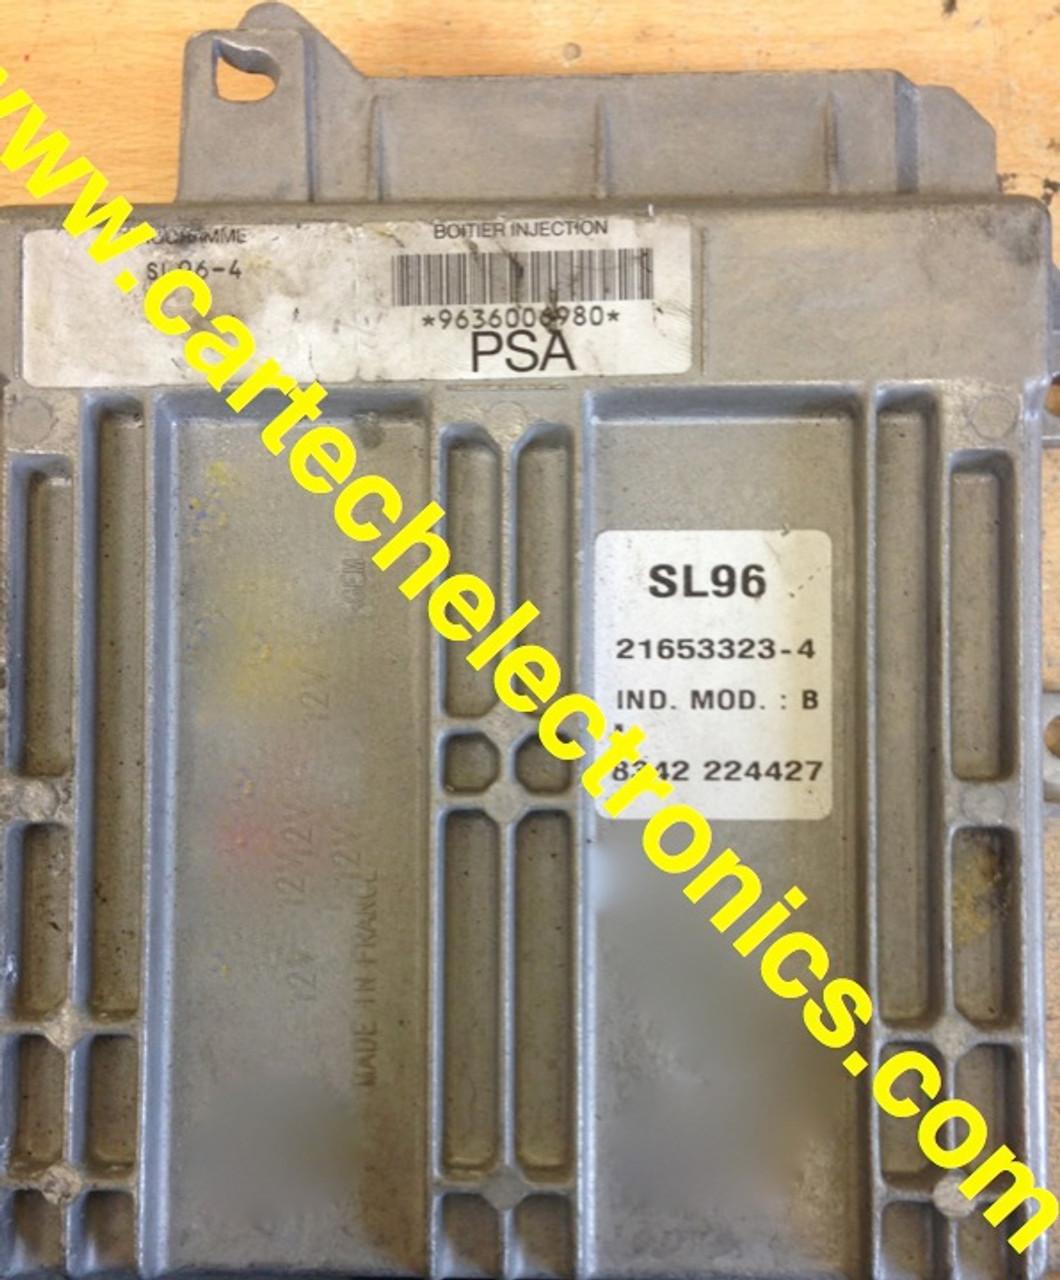 Plug & Play Unlocked ECU SL96-4 9636006980 21653323-4 PSA